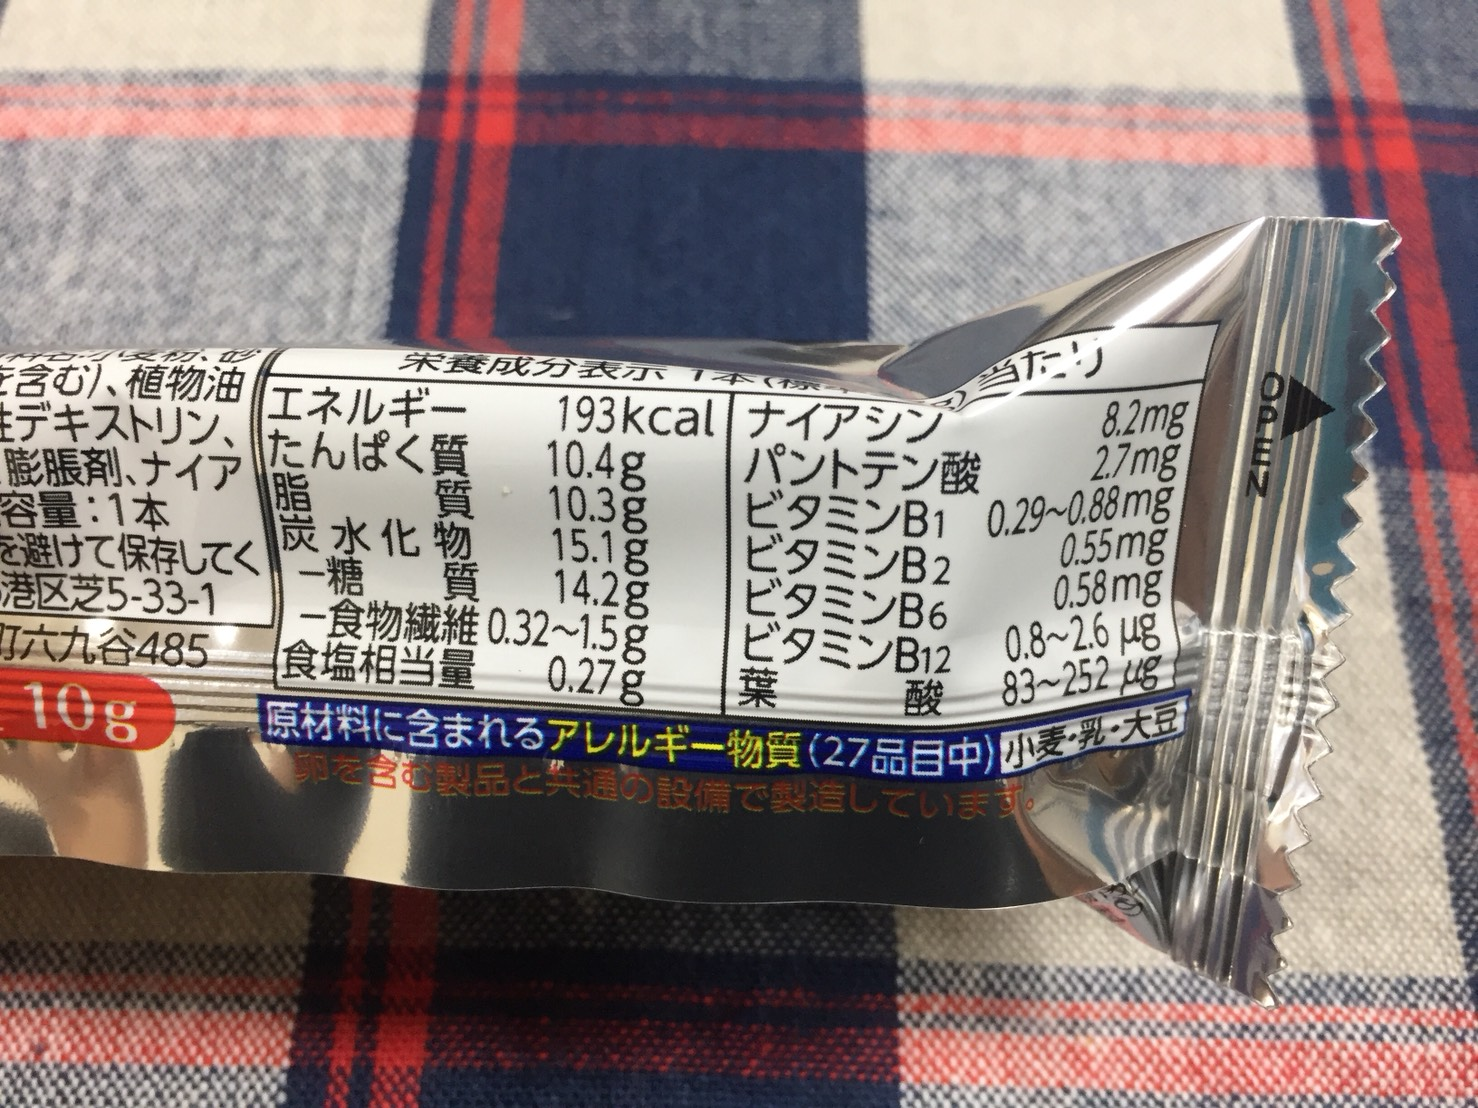 inバー:ウェファーナッツ味の成分表